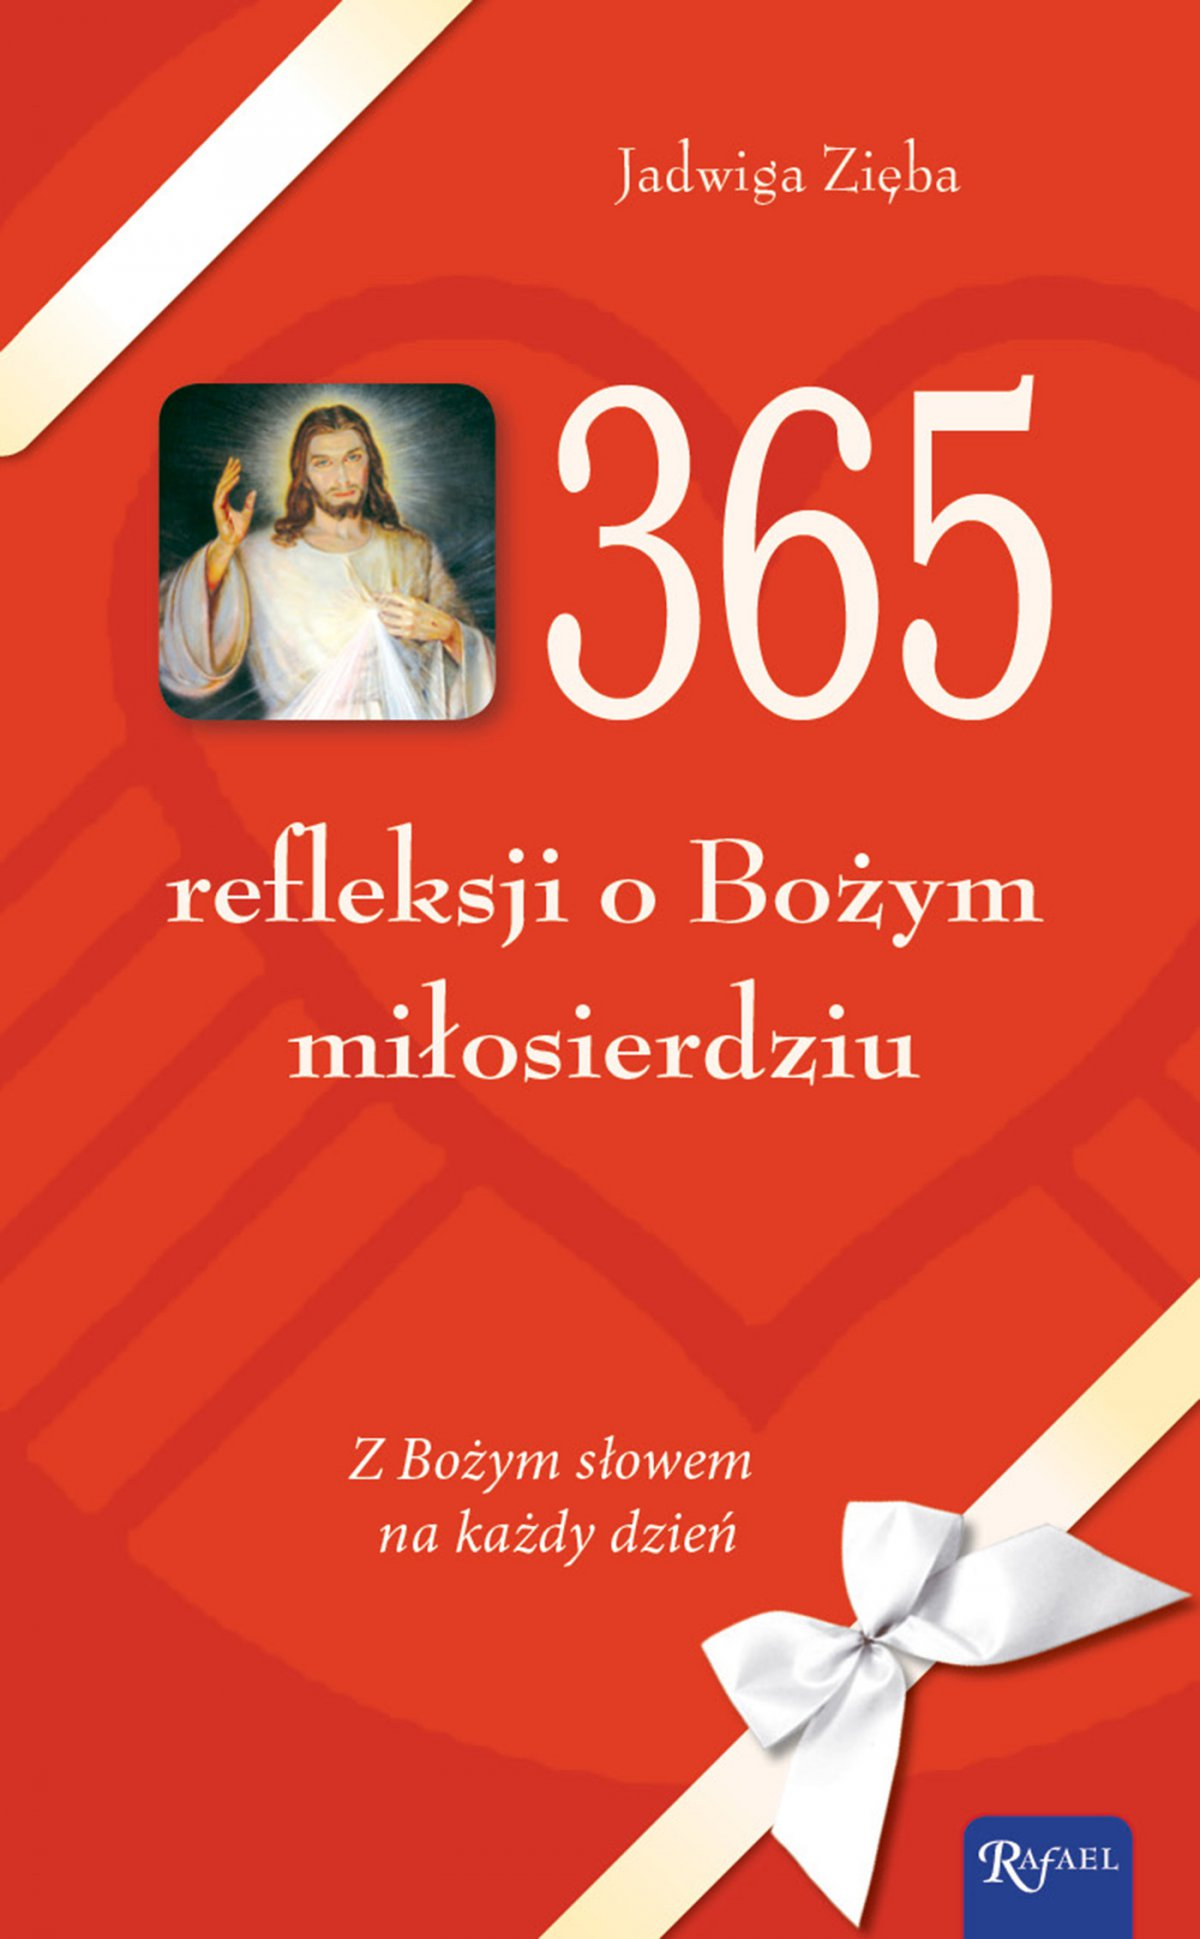 365 refleksji o Bożym miłosierdziu. Z Bożym słowem na każdy dzień - Ebook (Książka na Kindle) do pobrania w formacie MOBI